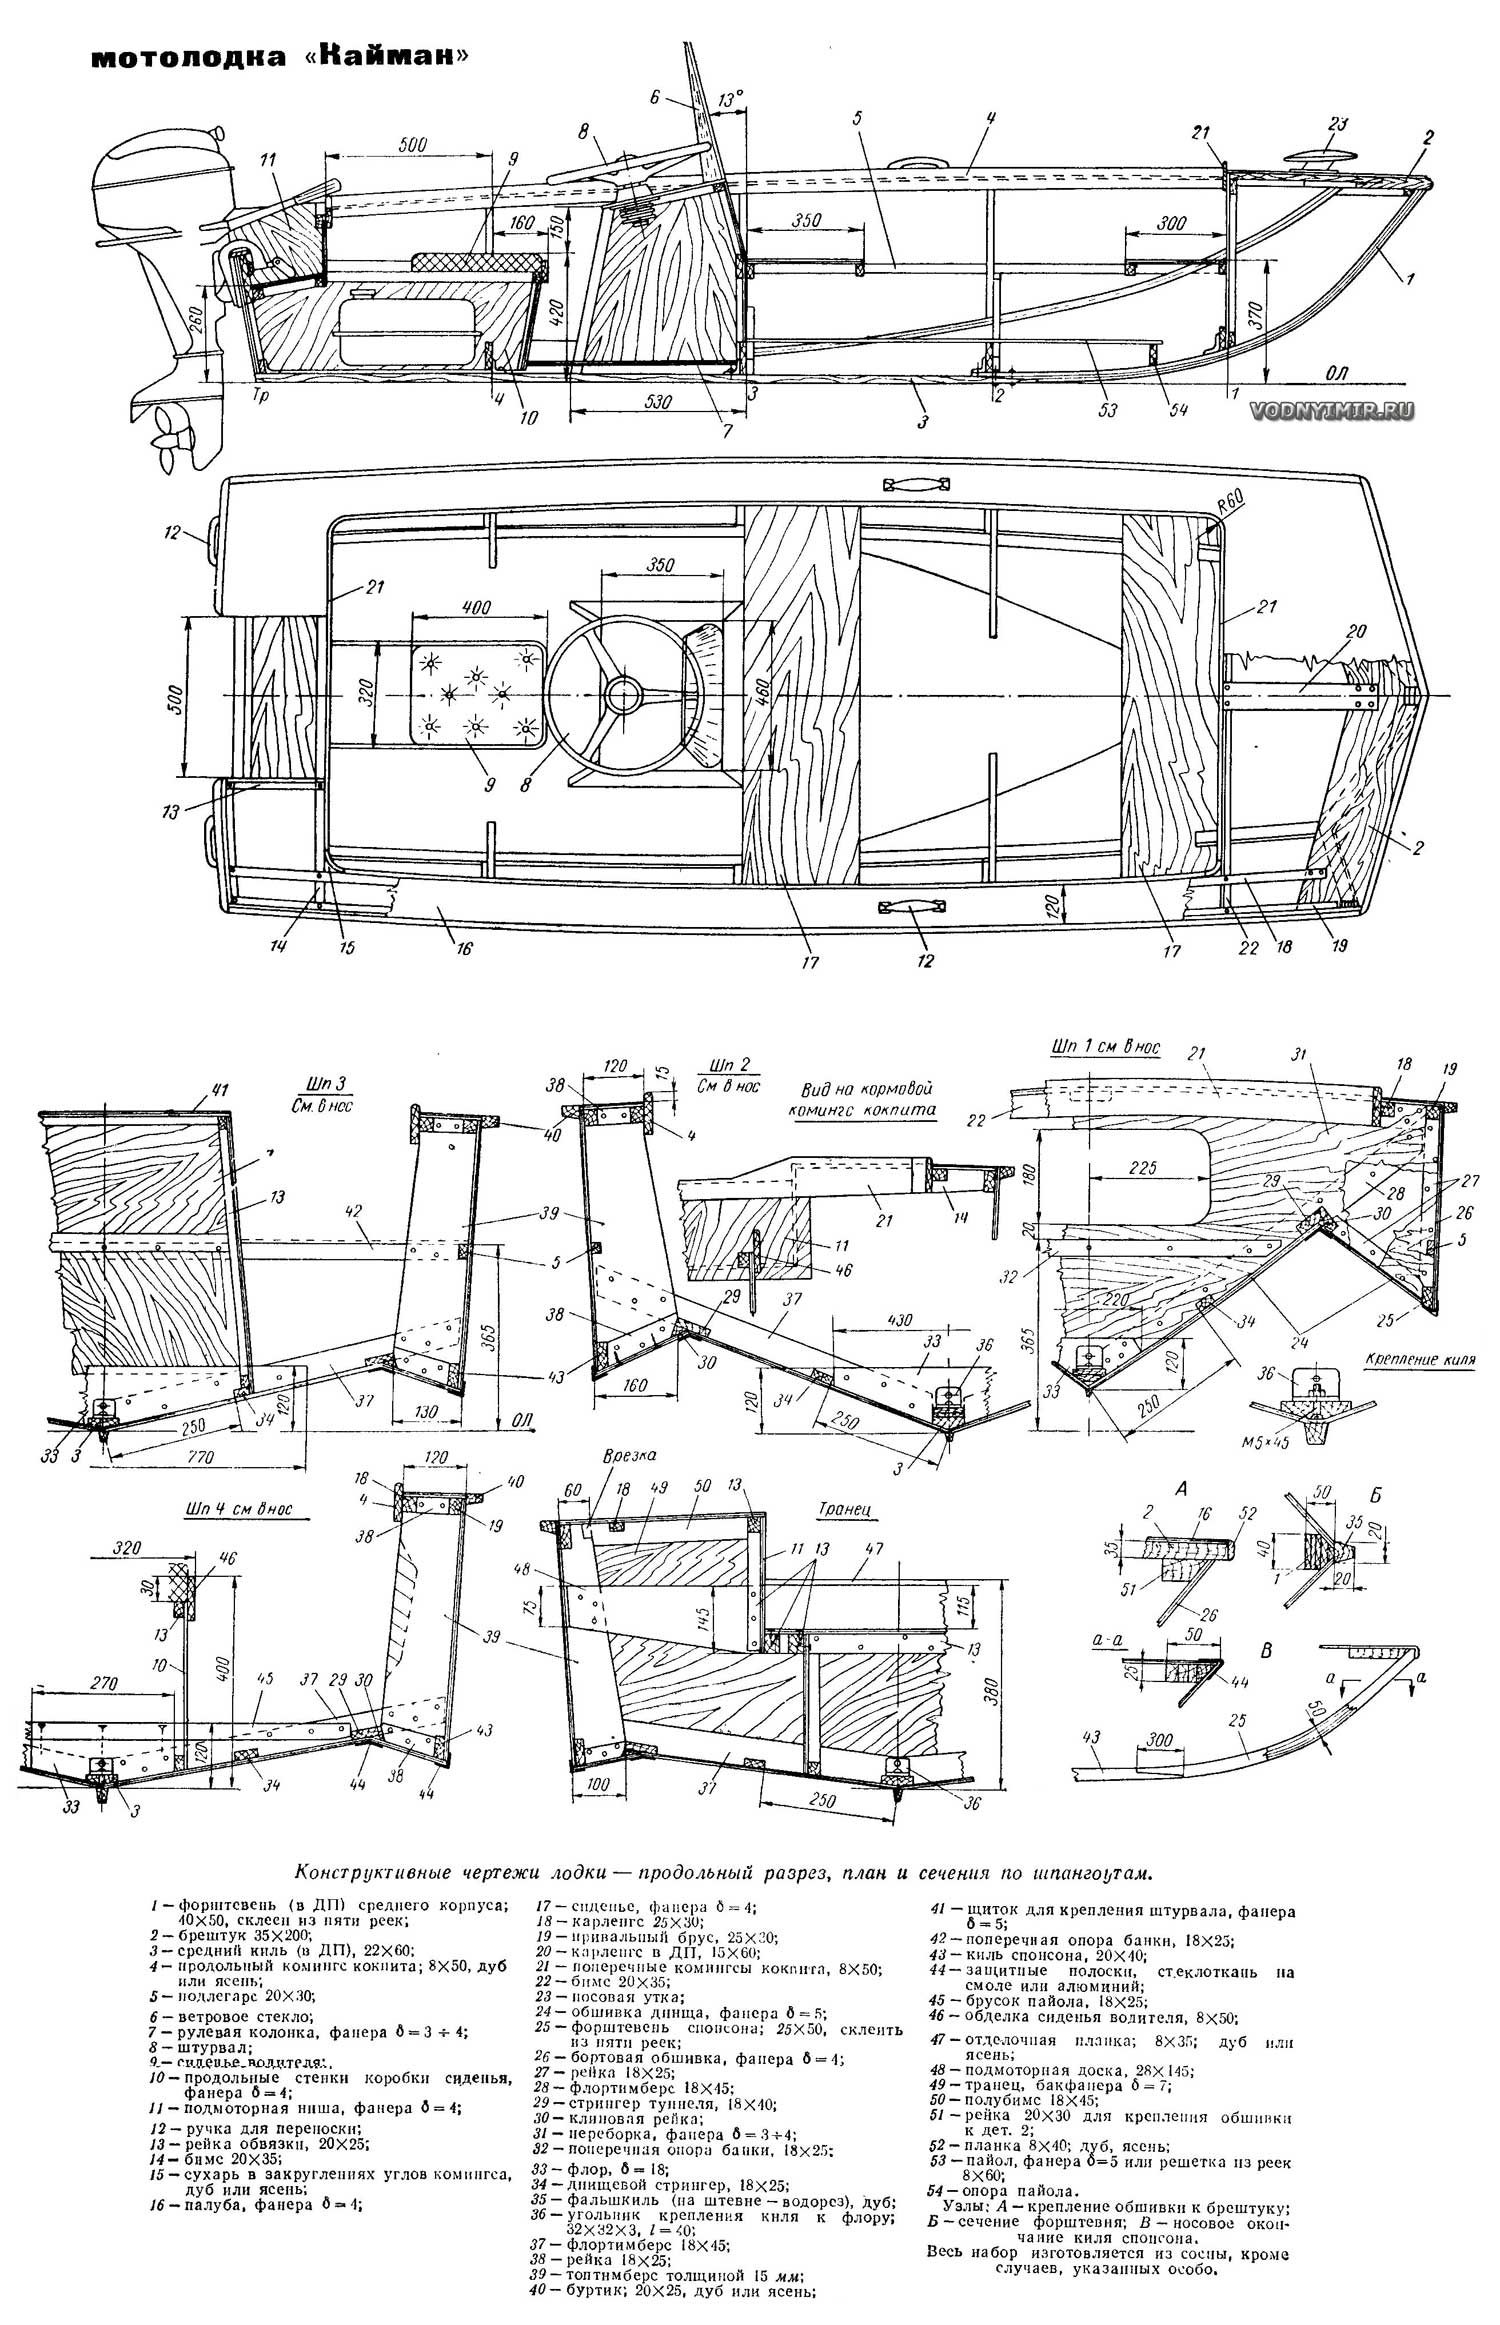 Для самостоятельной постройки тримарана